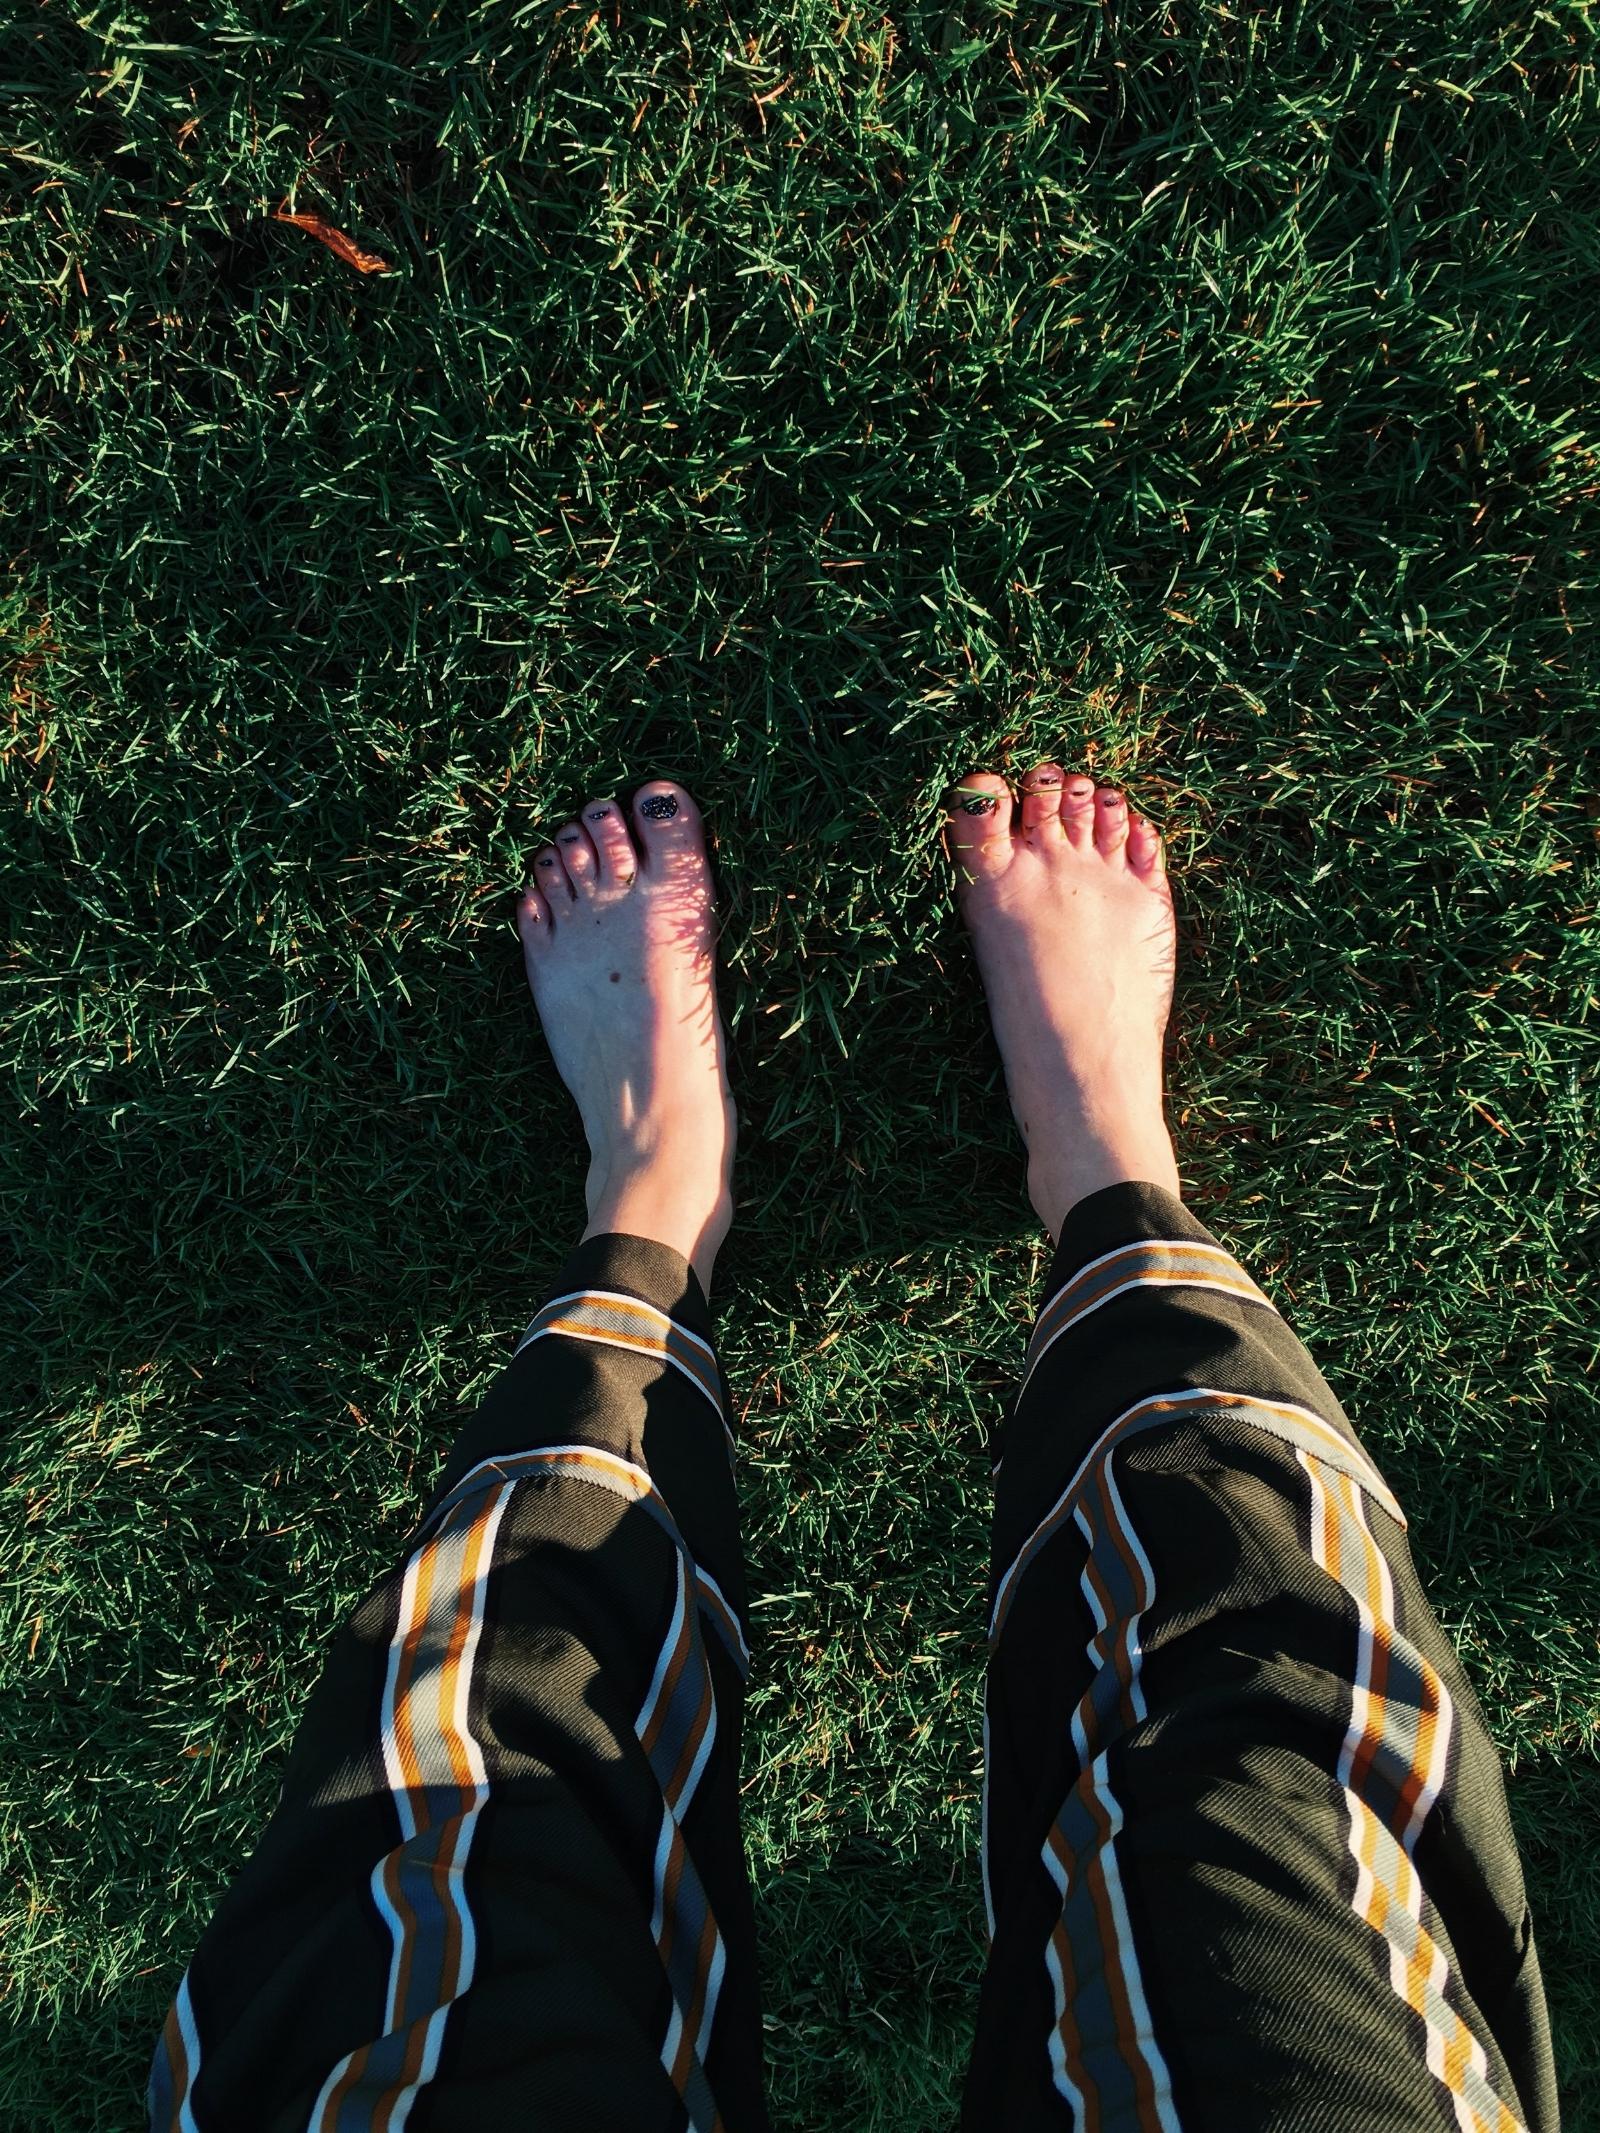 Numb toes.